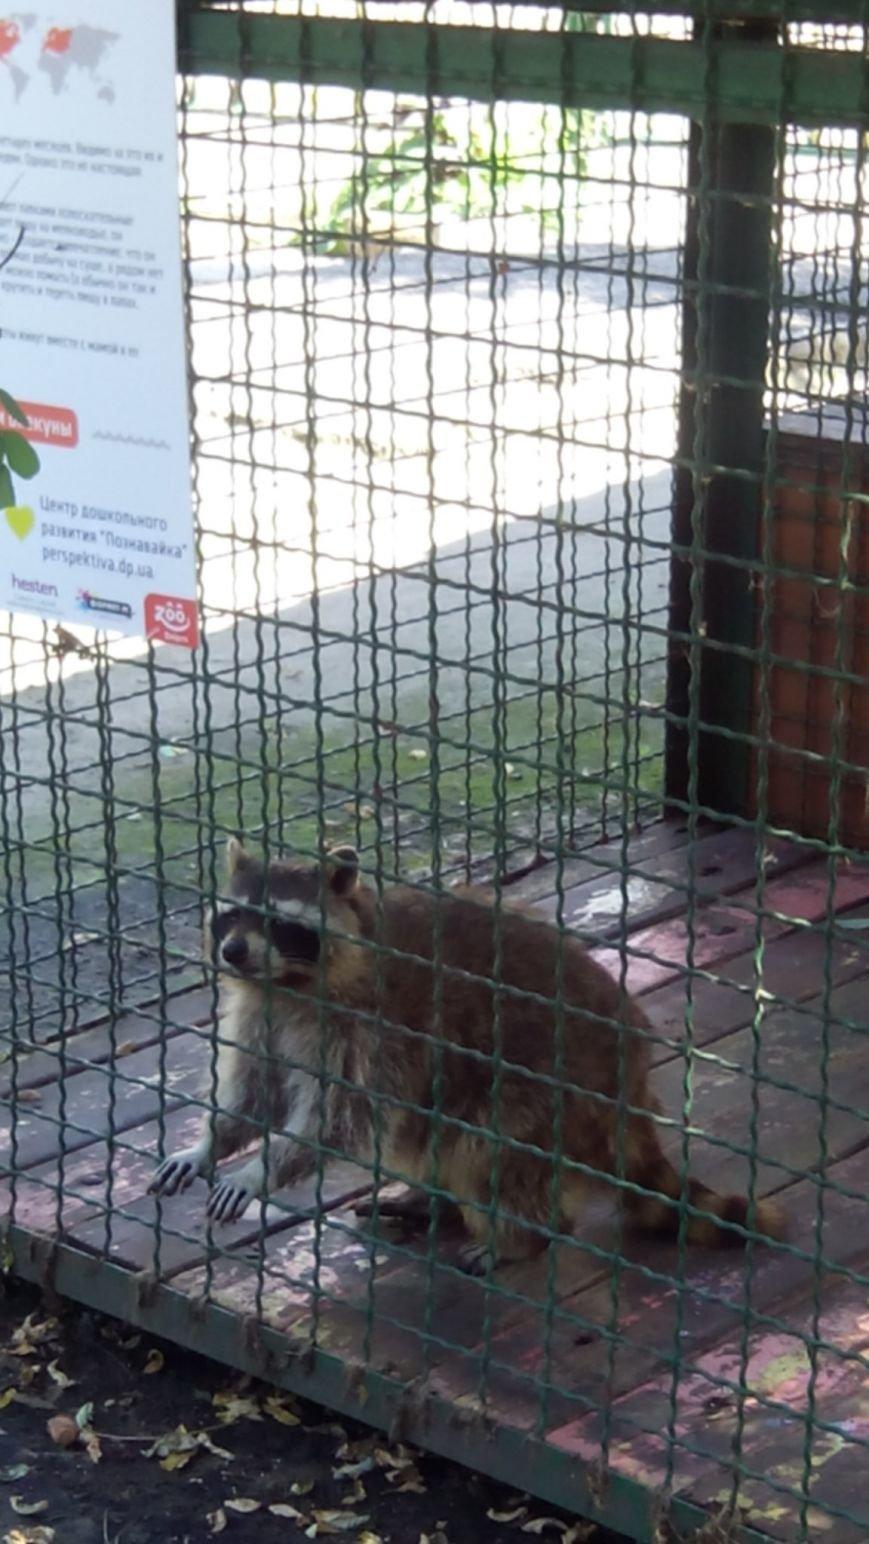 У днепропетровчан появилась возможность «усыновить» животных из городского зоопарка (ФОТО) (фото) - фото 3